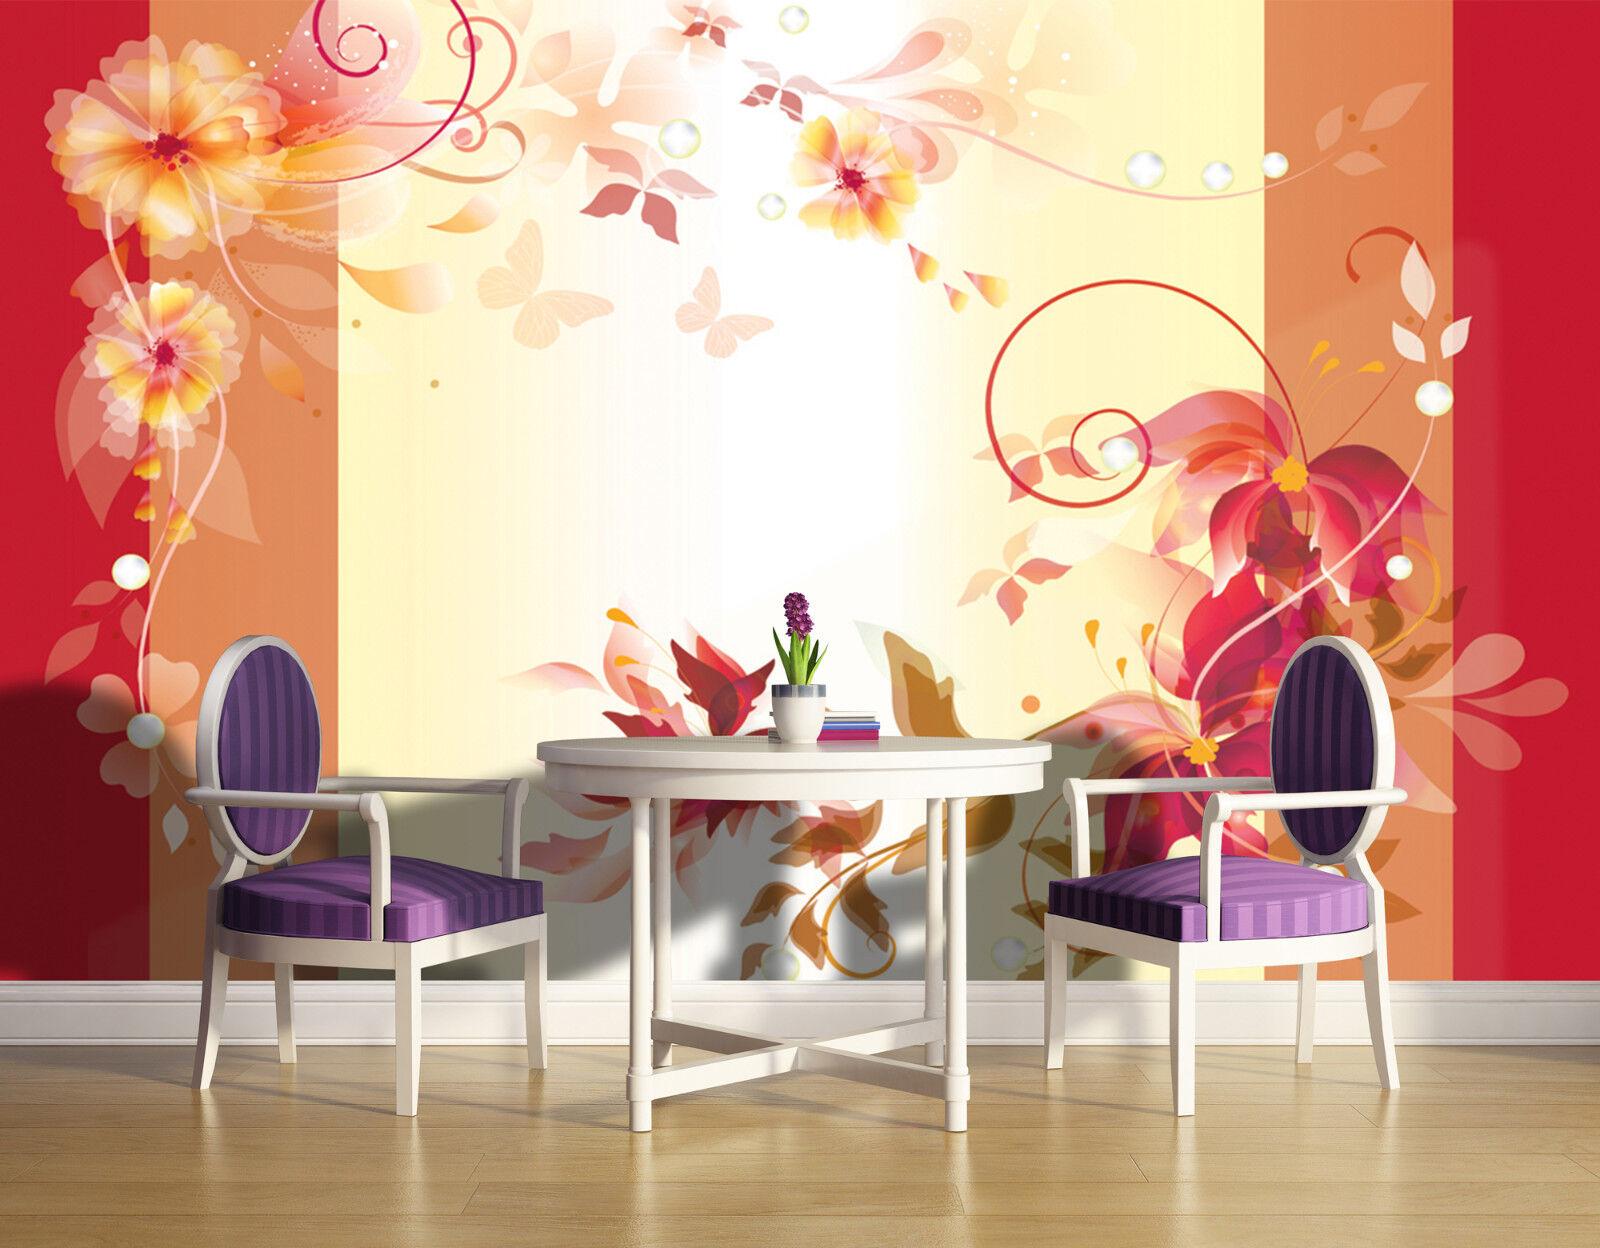 VLIES Fototapete-BLUMEN-(1162)-Abstrakt Fototapete-BLUMEN-(1162)-Abstrakt Fototapete-BLUMEN-(1162)-Abstrakt Design Pflanzen Orchideen Blüten xxl b91c98